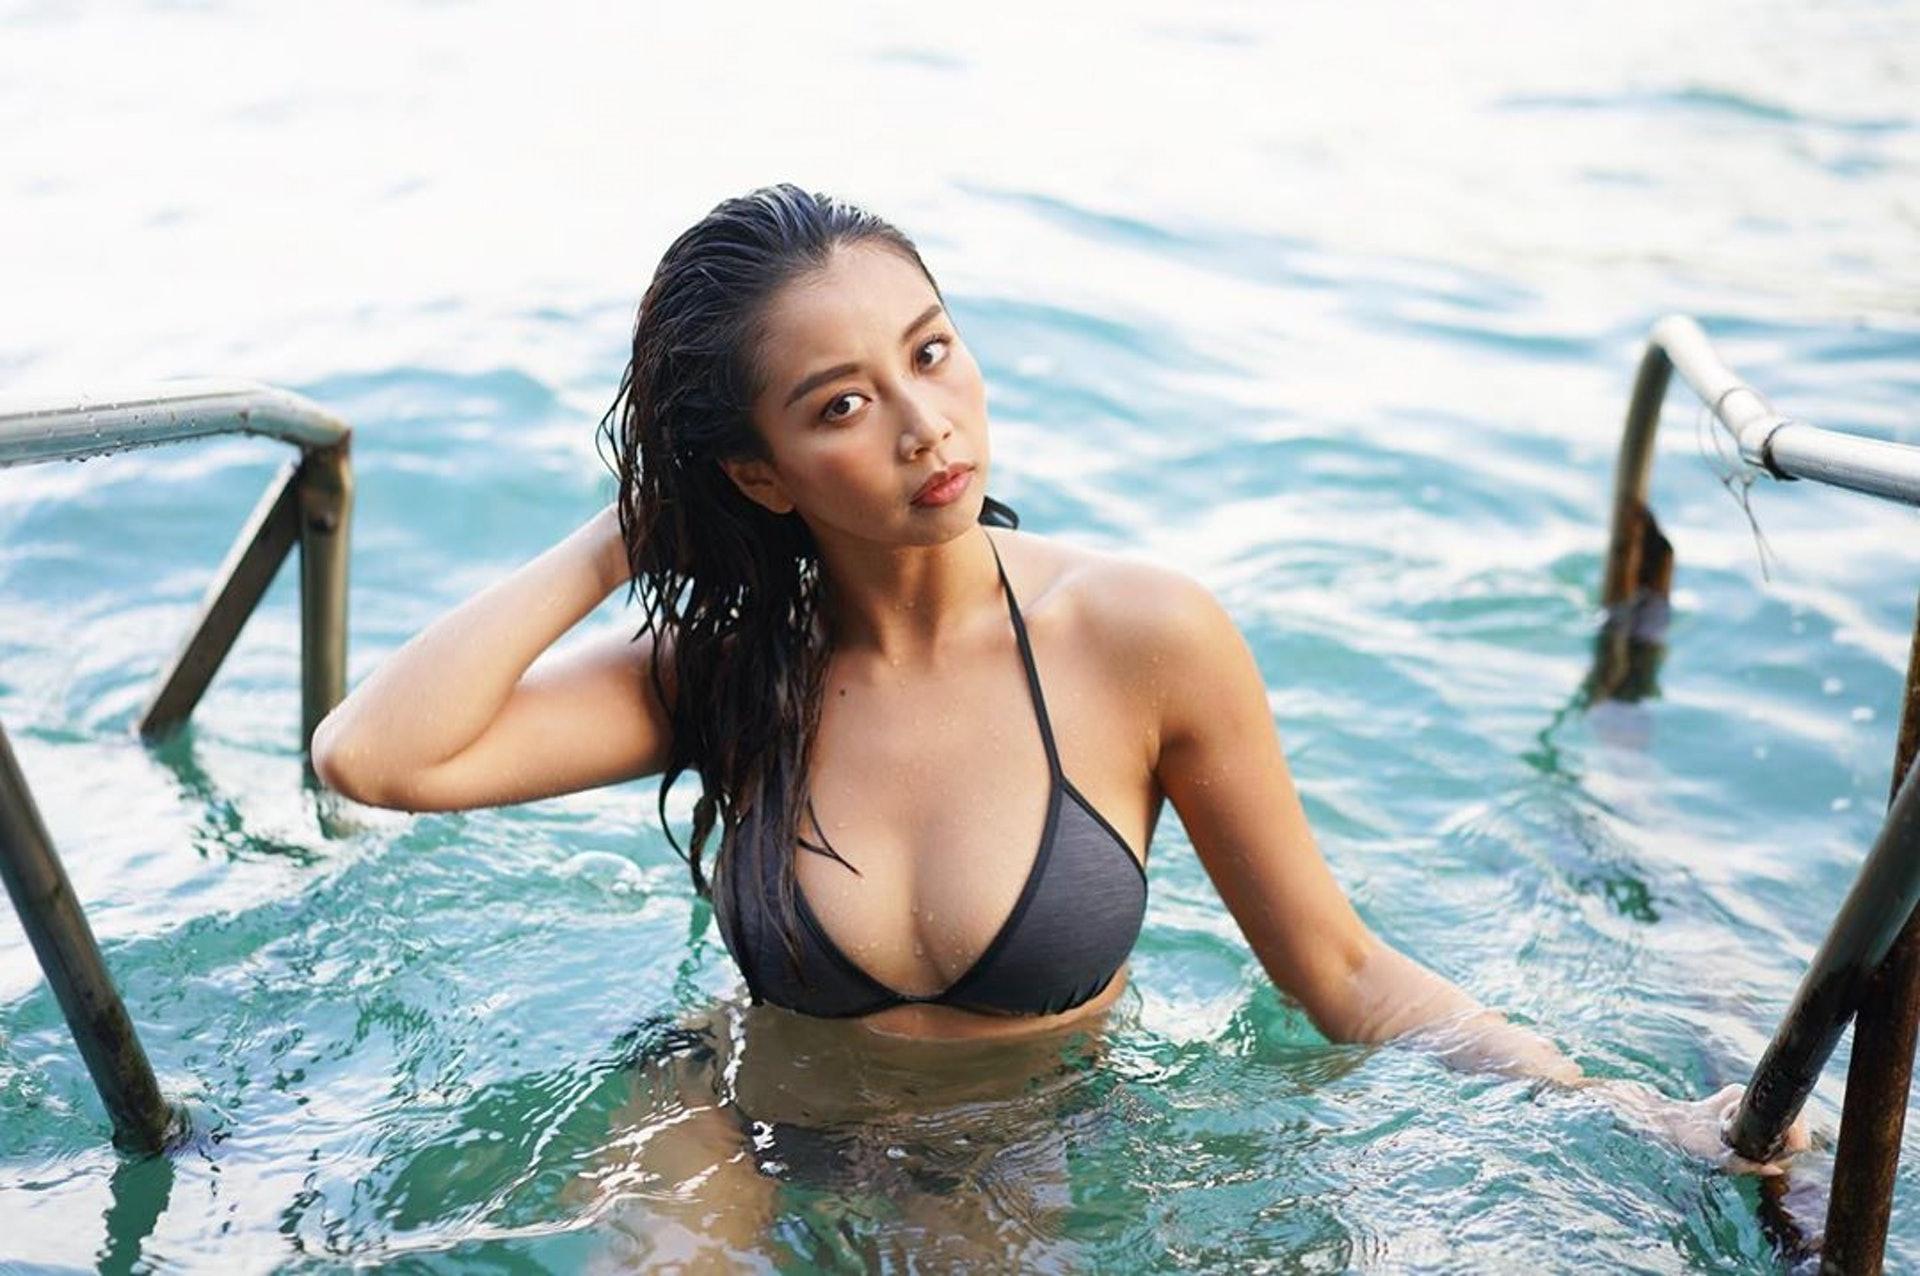 25歲何泳勺相信好快成為宅男女神。(IG:honeyho_mermaid)